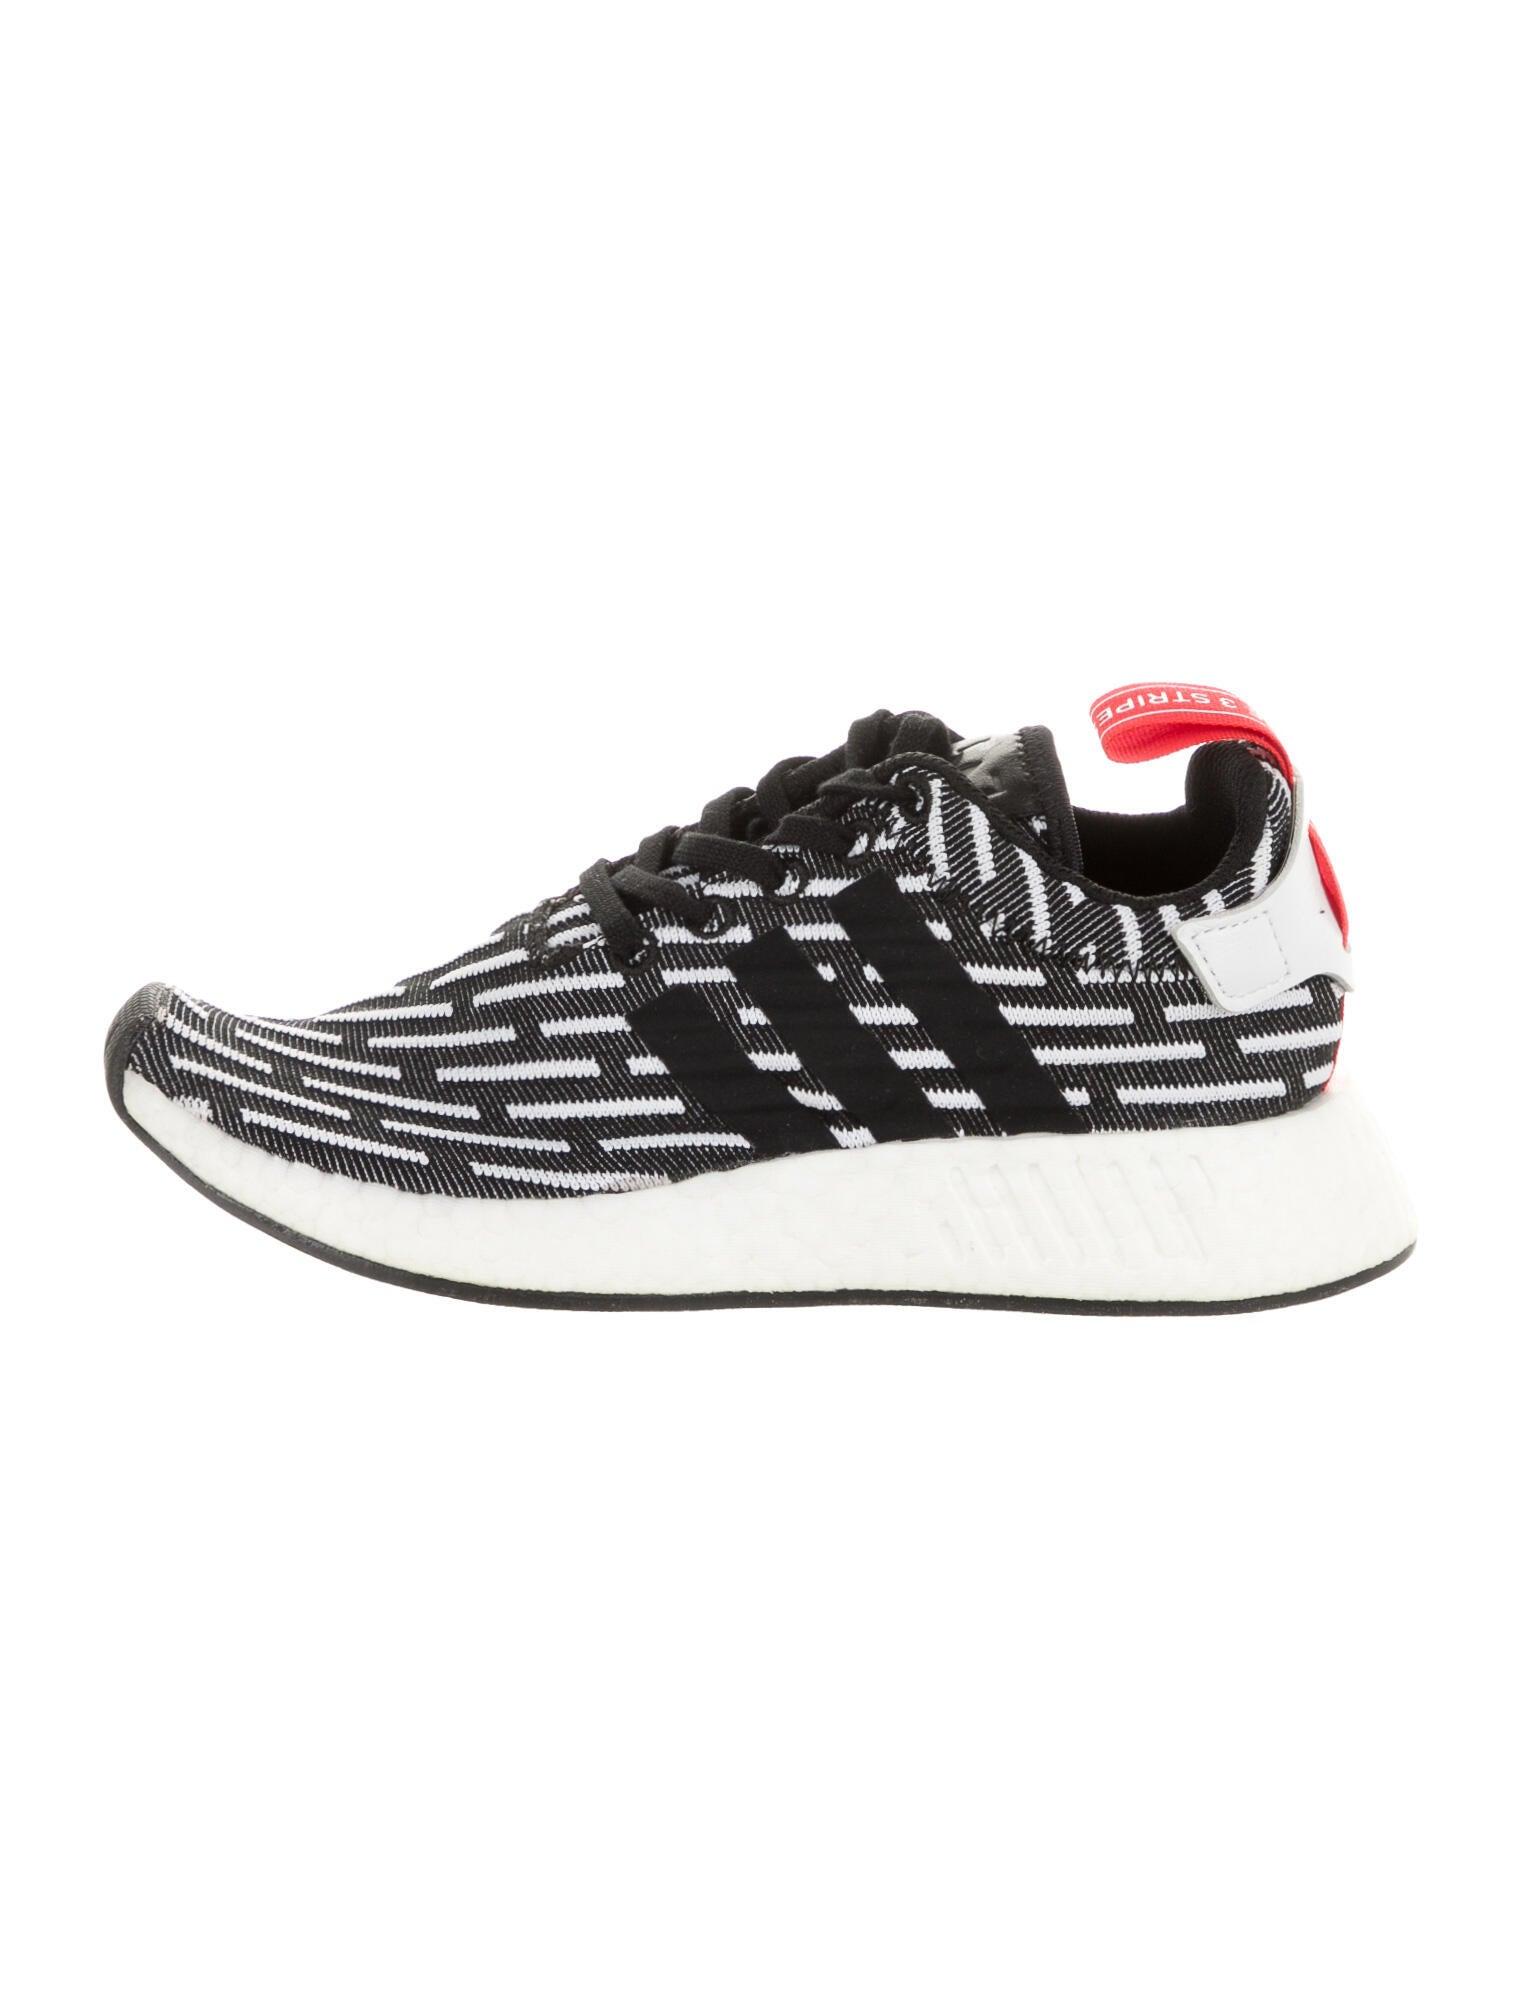 Adidas Boost NMD_R2 PK Size 9 - Gem